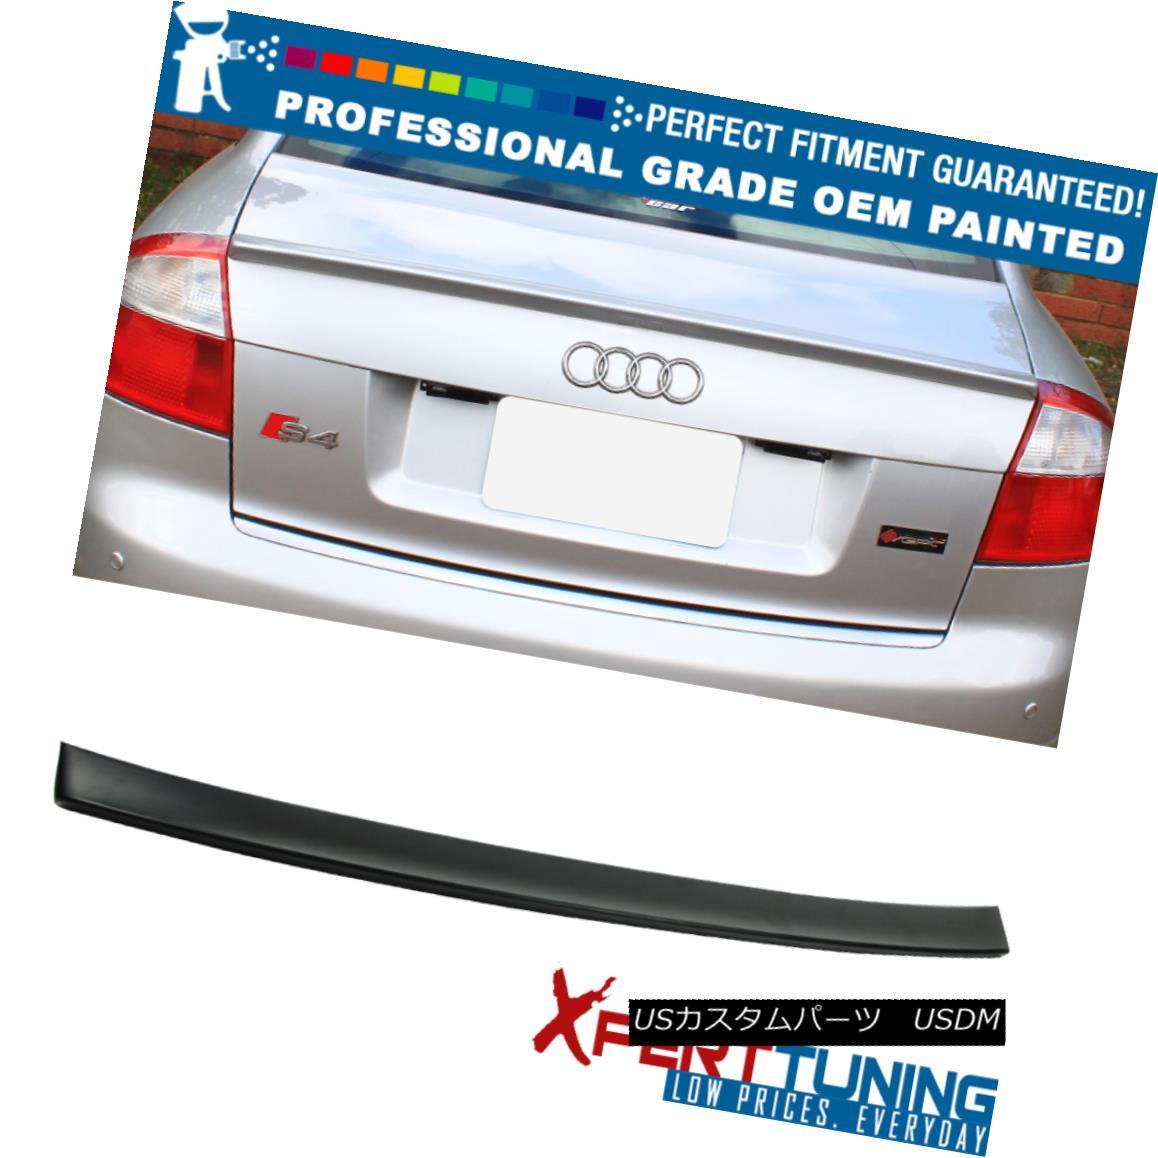 エアロパーツ 02-05 Audi A4 B6 4Dr Sedan A Style Painted Trunk Spoiler - OEM Painted Color 02-05 Audi A4 B6 4DrセダンAスタイル塗装トランク・スポイラー - OEM塗装カラー